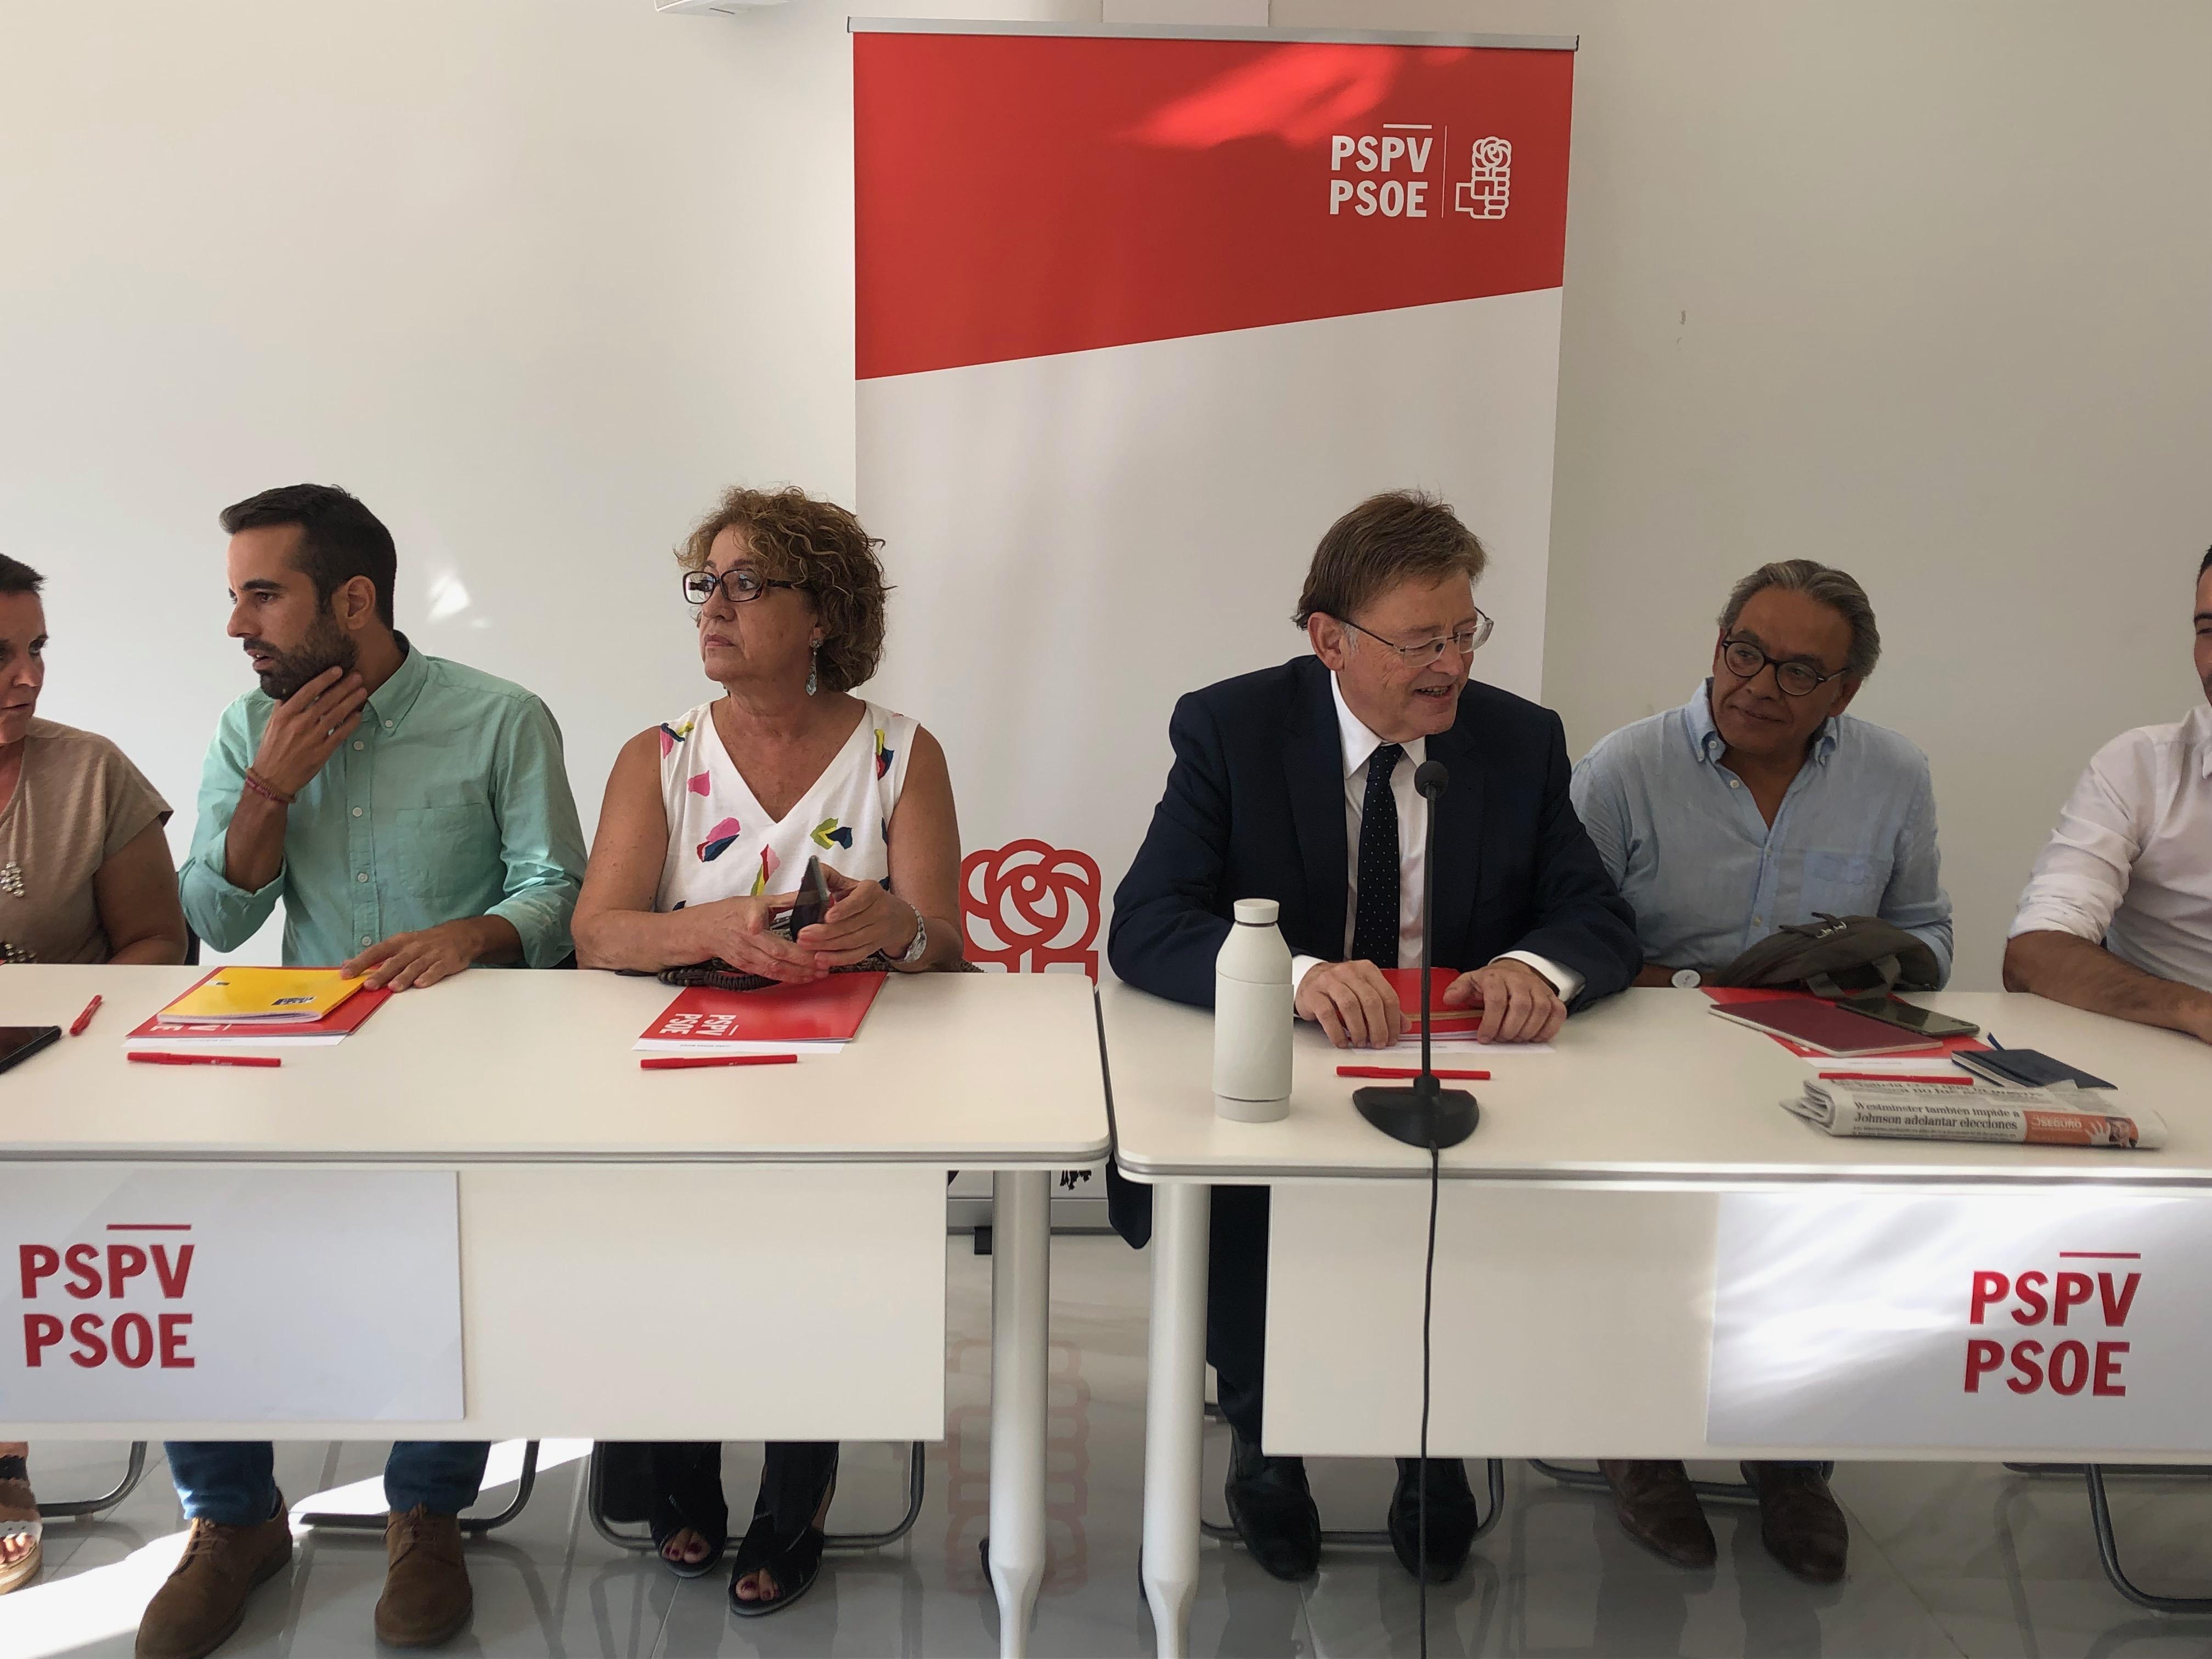 El PSPV-PSOE programa para septiembre la cena de inicio de curso político en Alicante, las jornadas parlamentarias y l'Escola de la Tardor